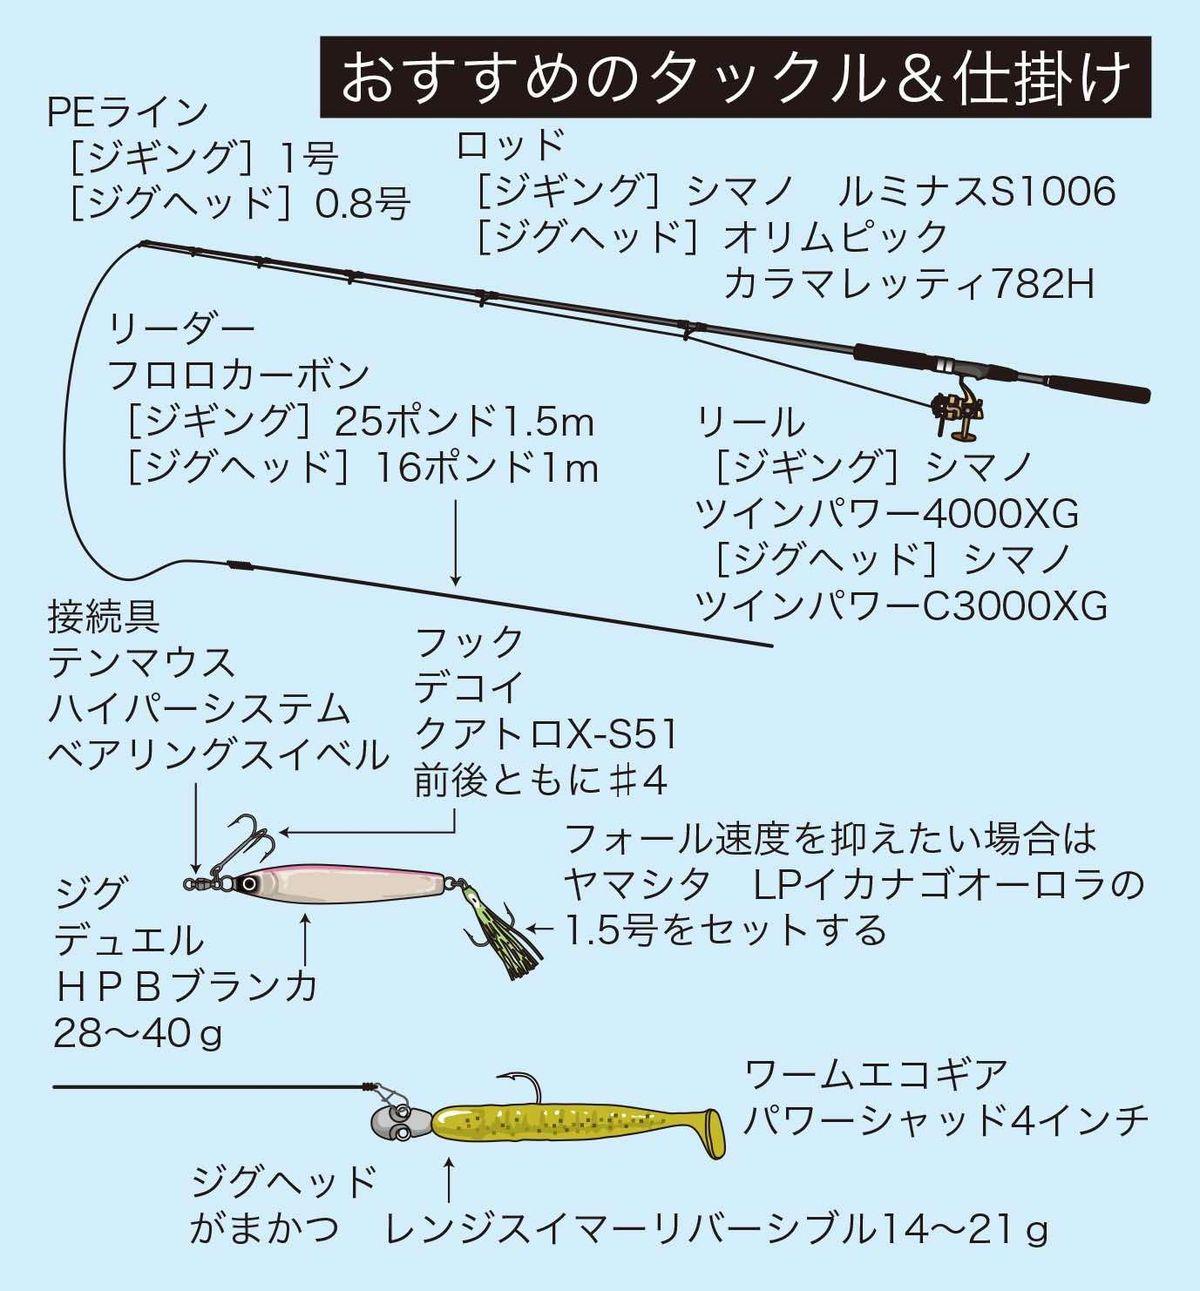 092-103_zenkokutsuriba04-2_cs6 (4)